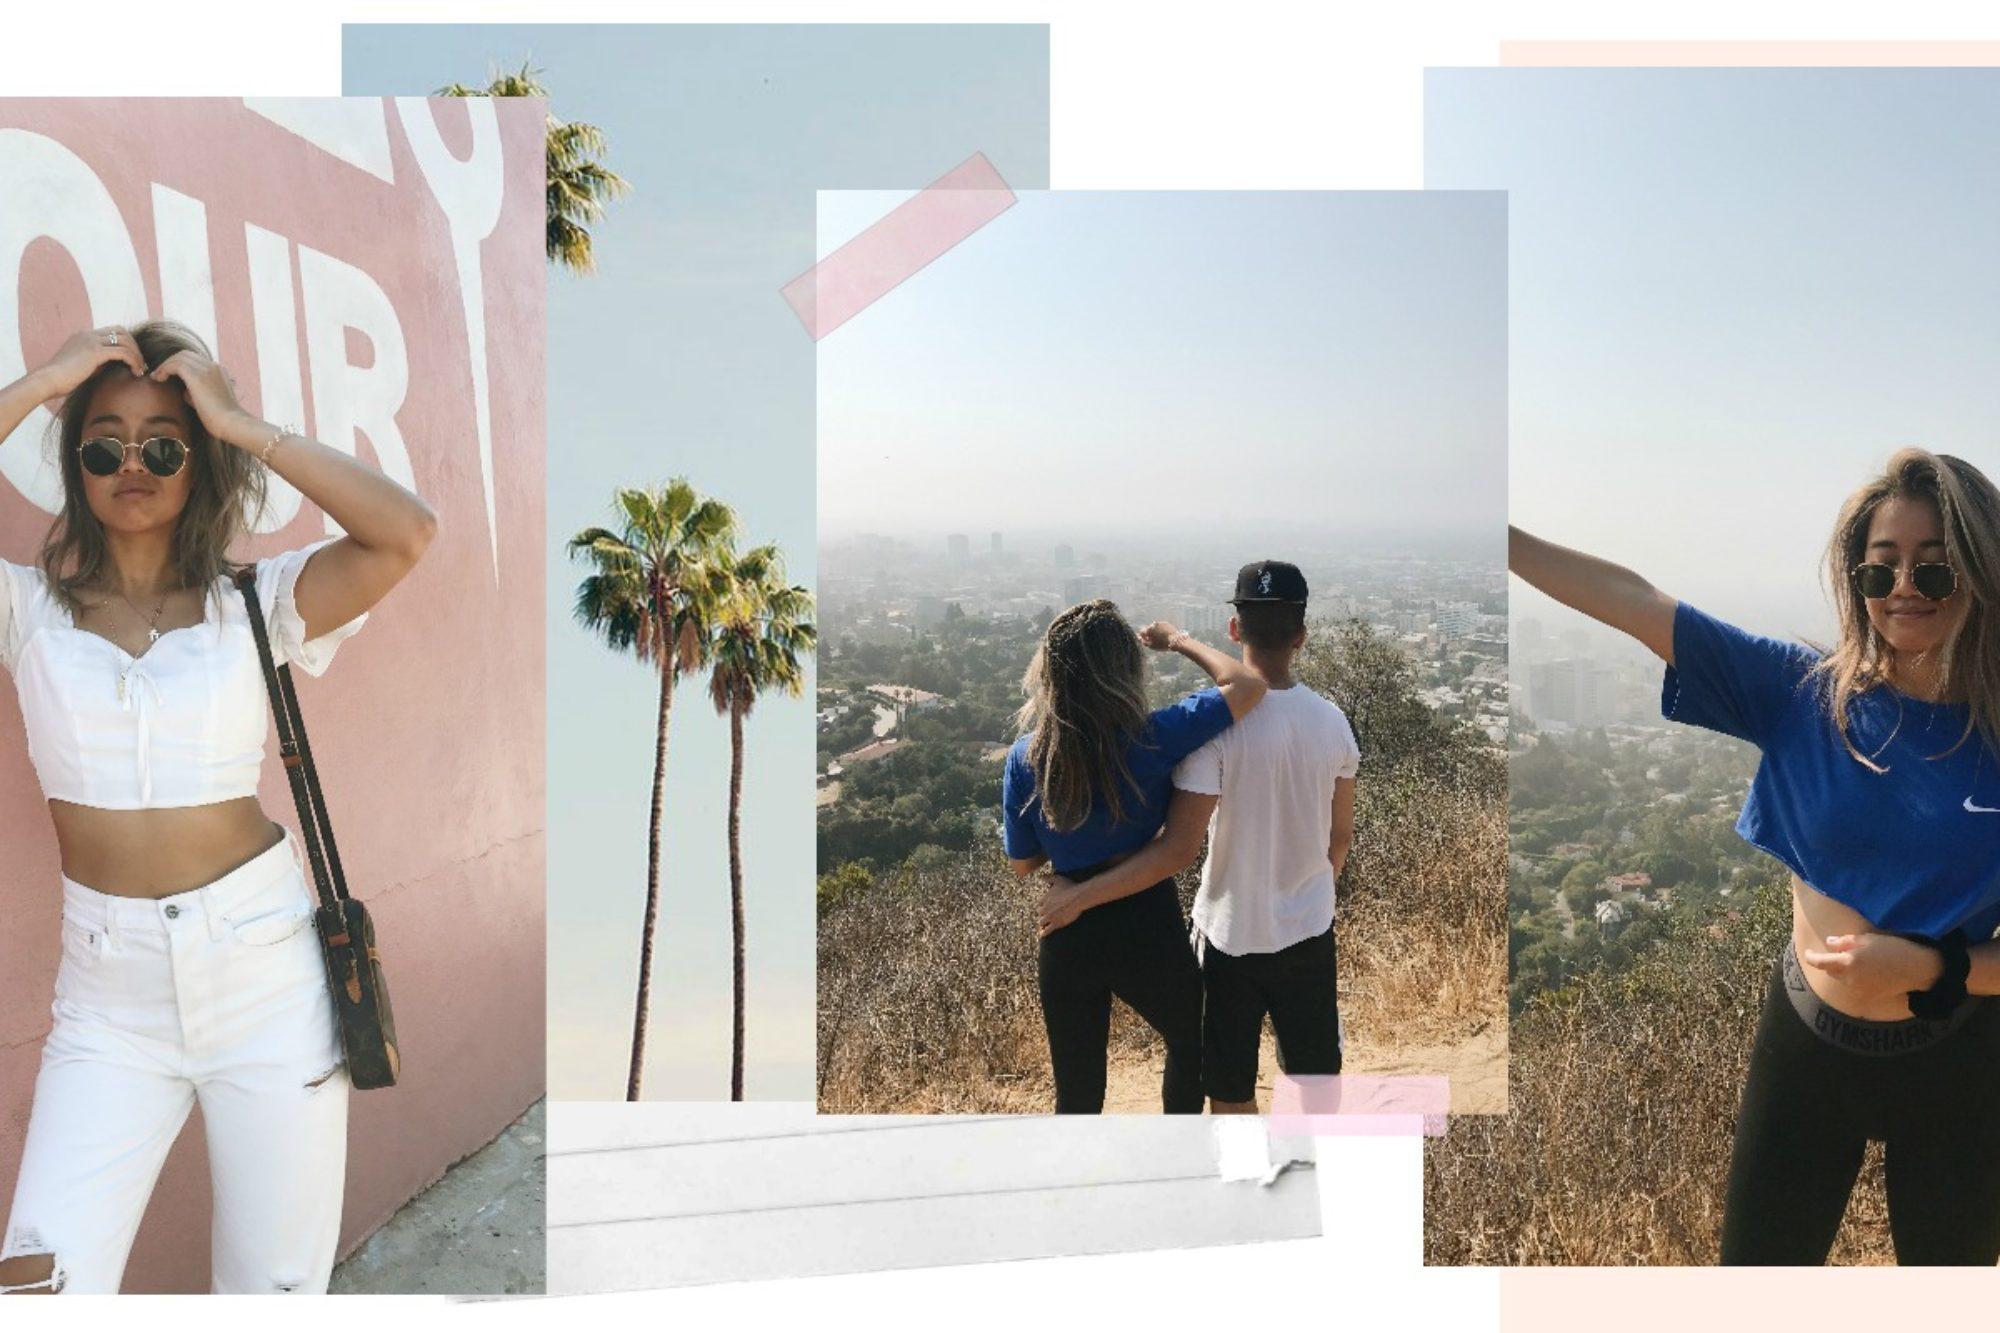 LA, you were pretty cool